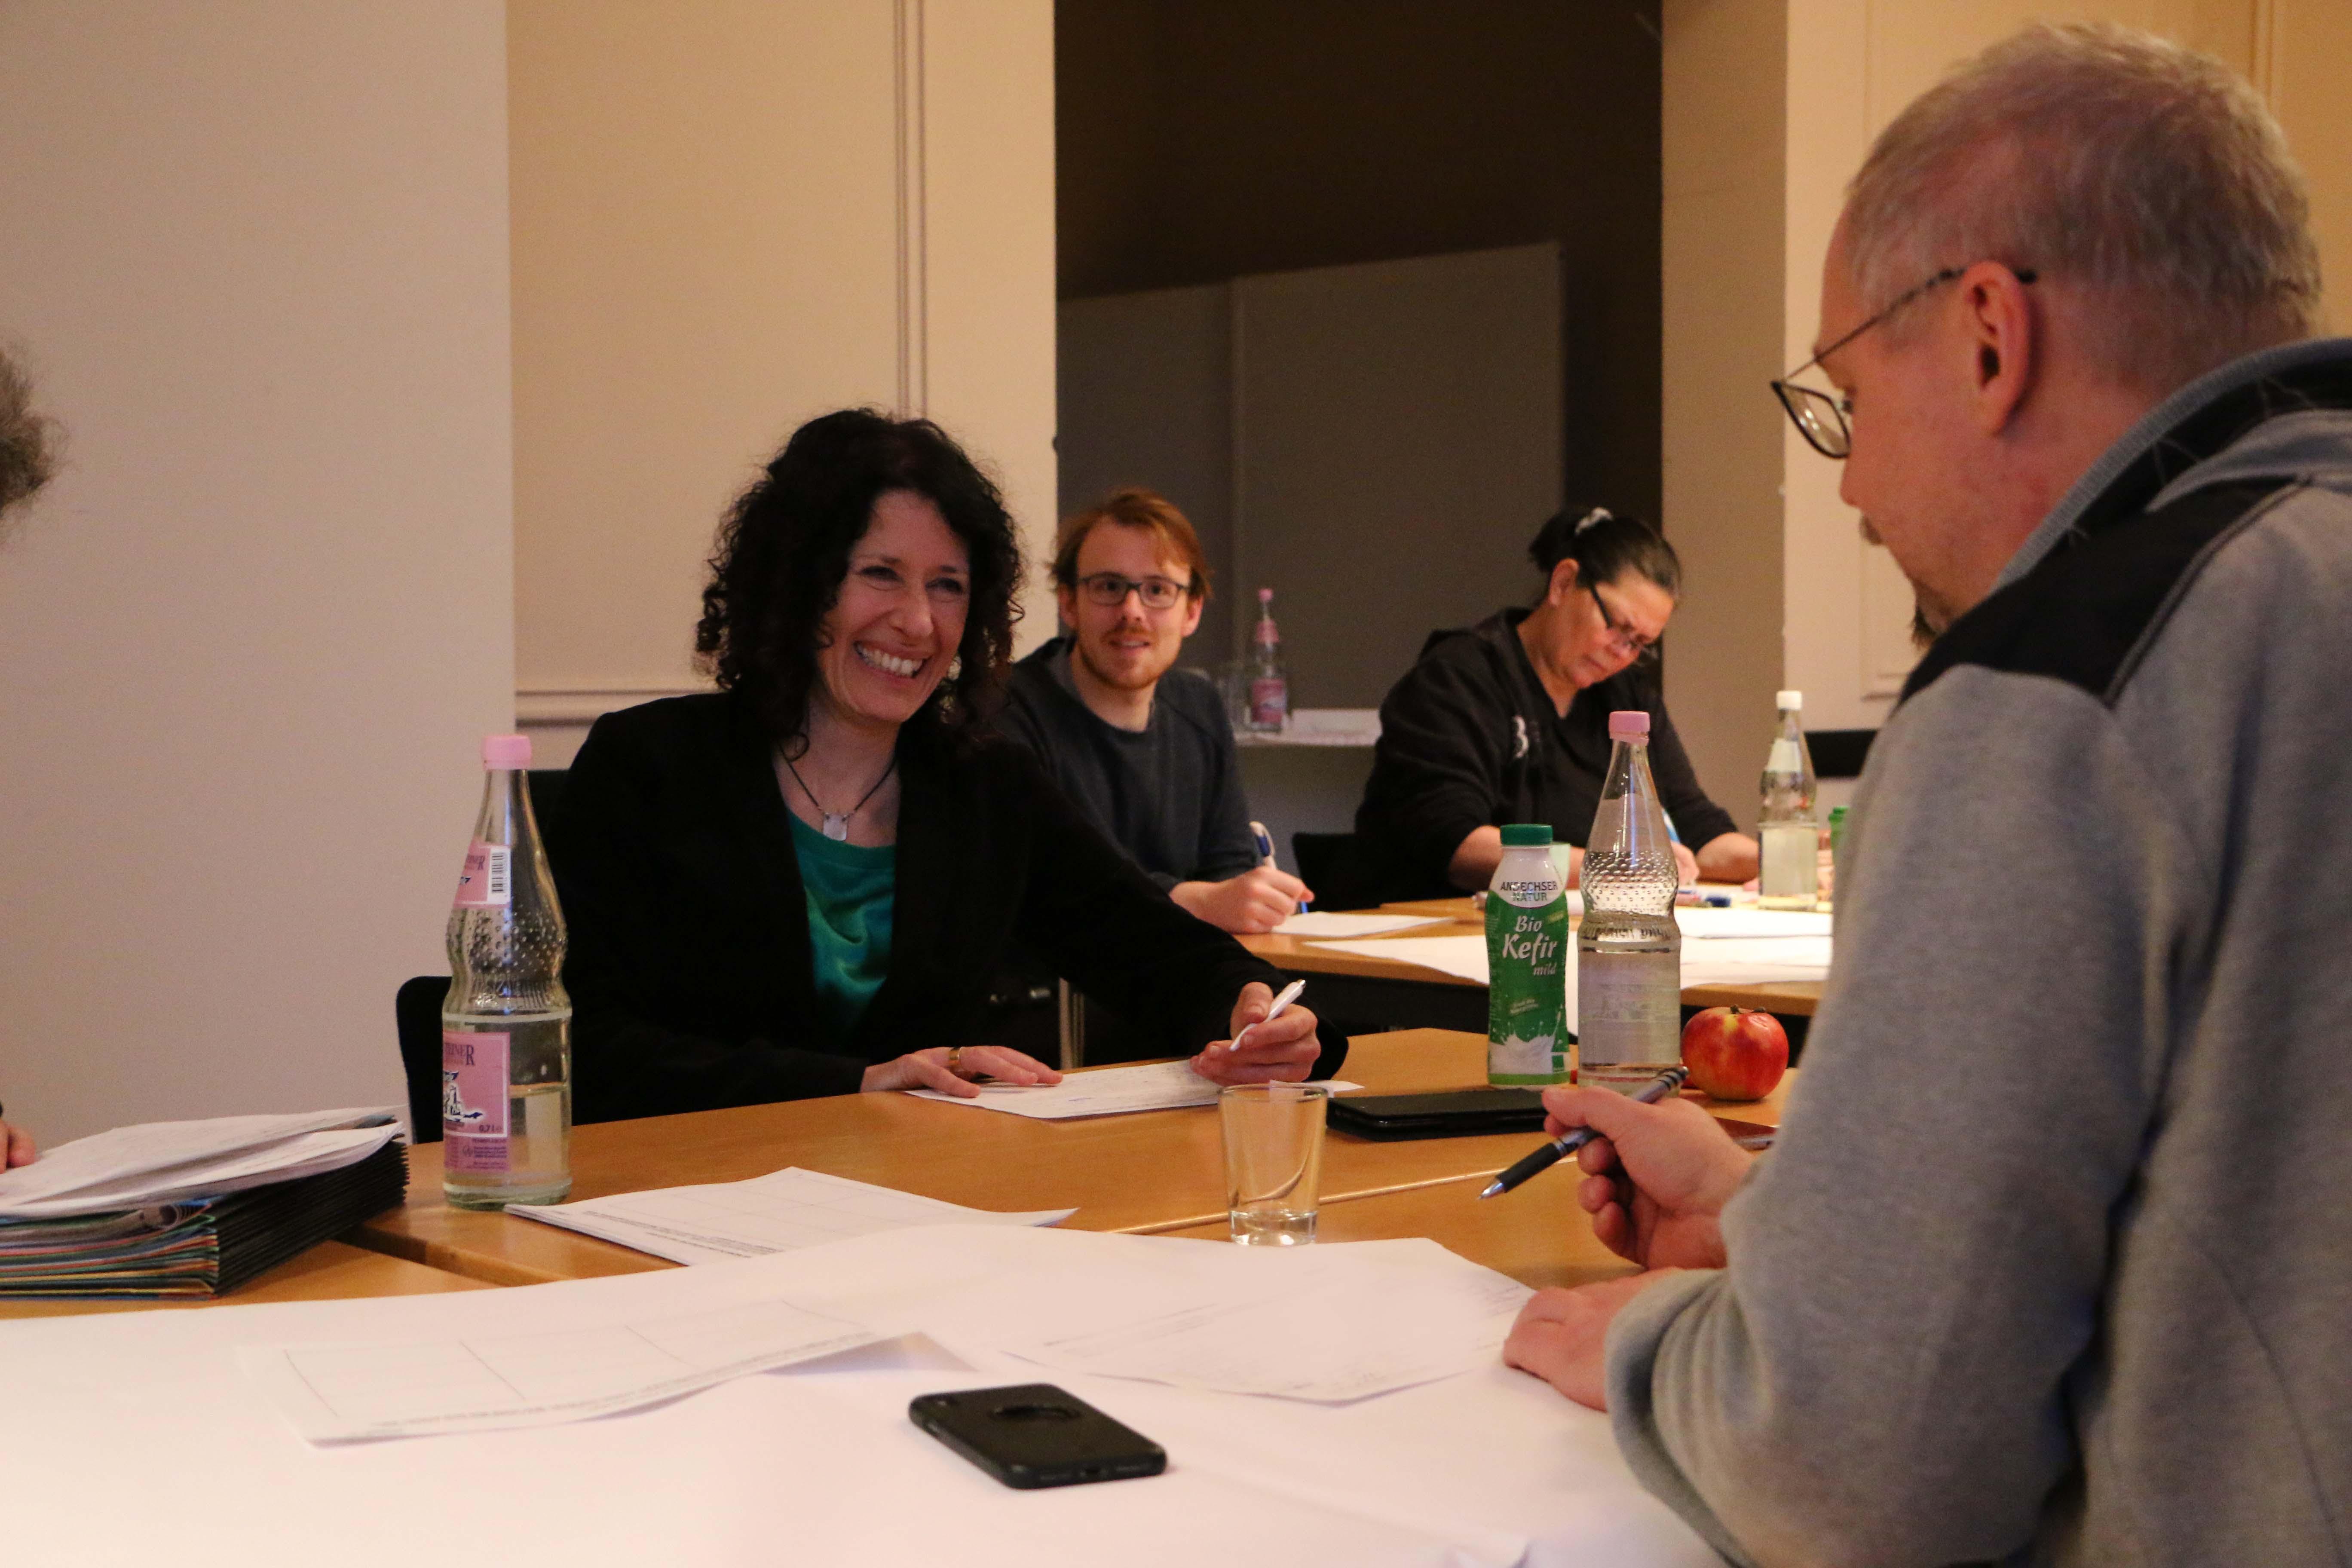 Bettina Jarasch und Olaf Reimann tauschen sich aus und stimmen sich gemeinsam mit der Fraktion auf das Jahr 2019 ein